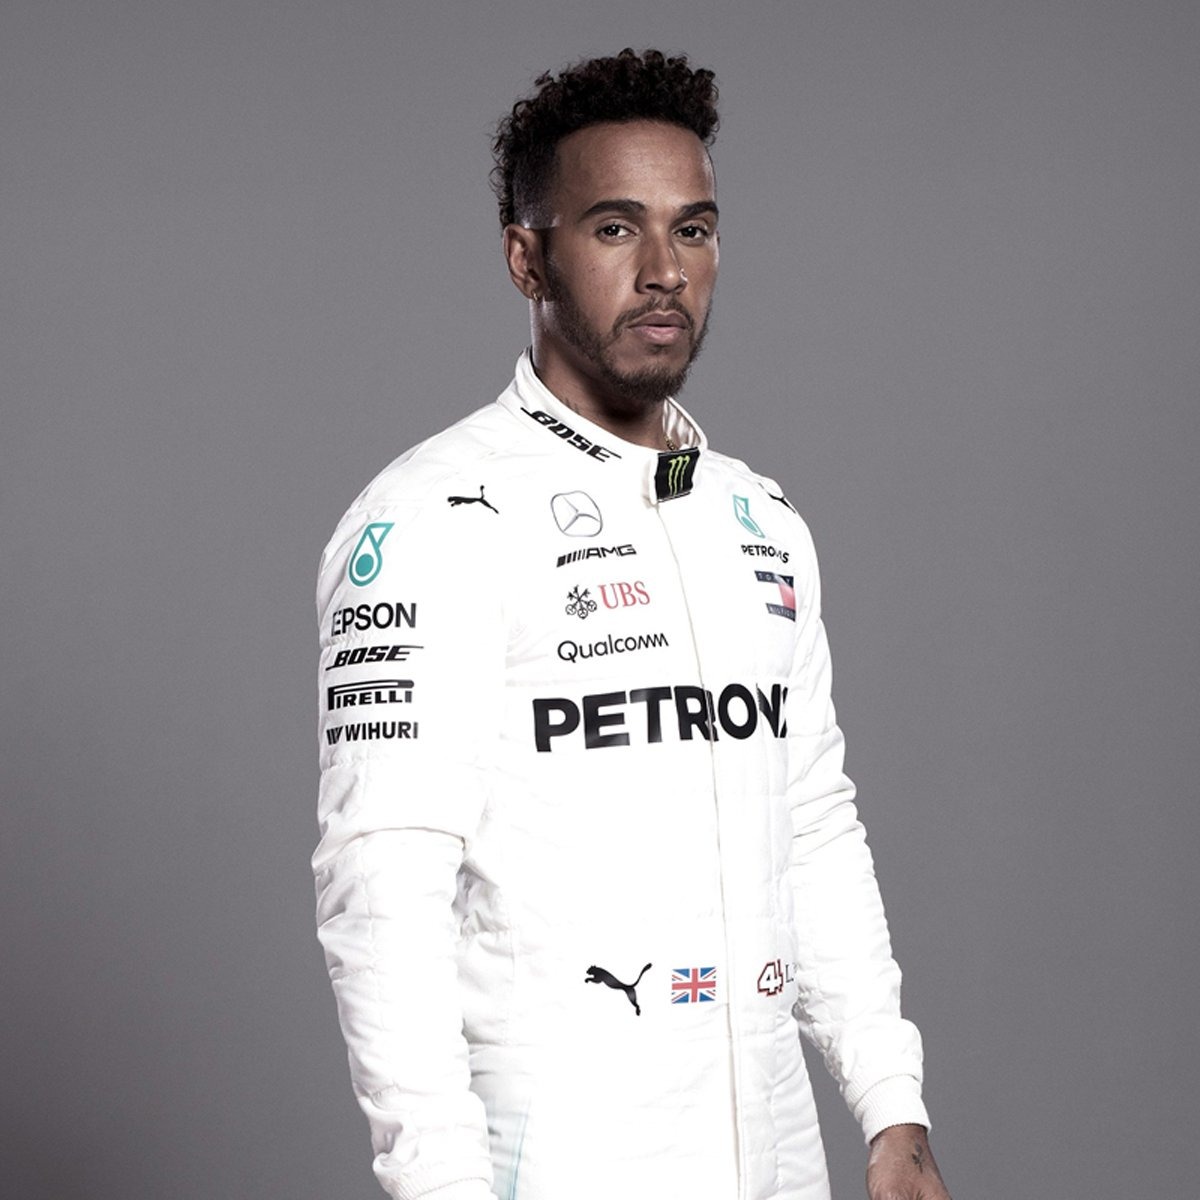 ルイス・ハミルトン(メルセデス):2018年 F1レーシングスーツ